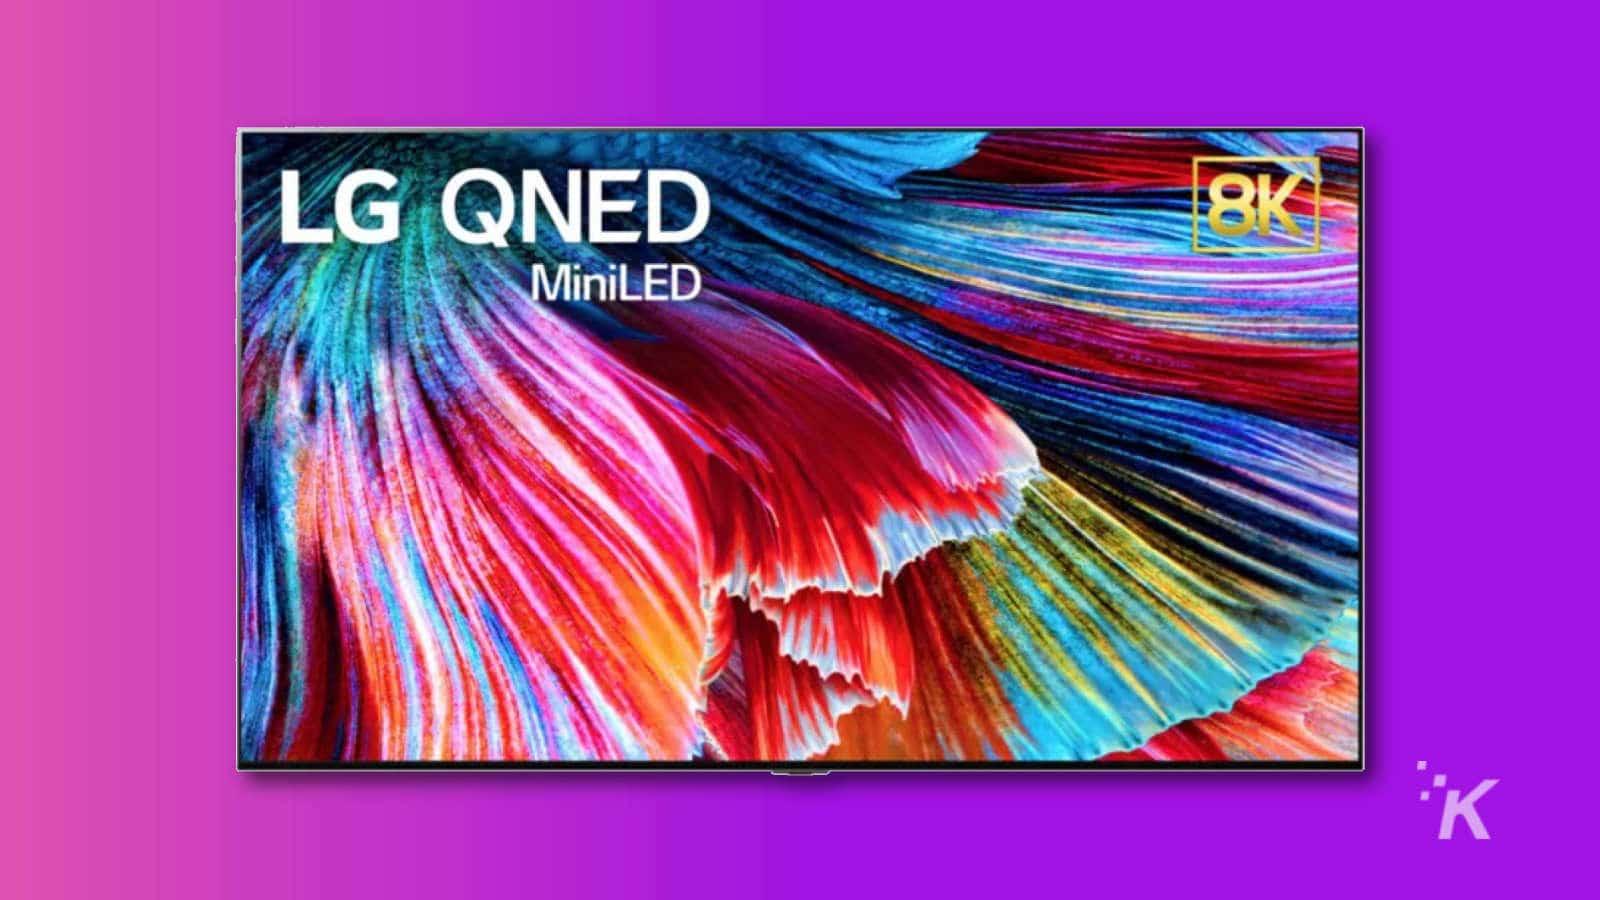 lg mini led tv 8k